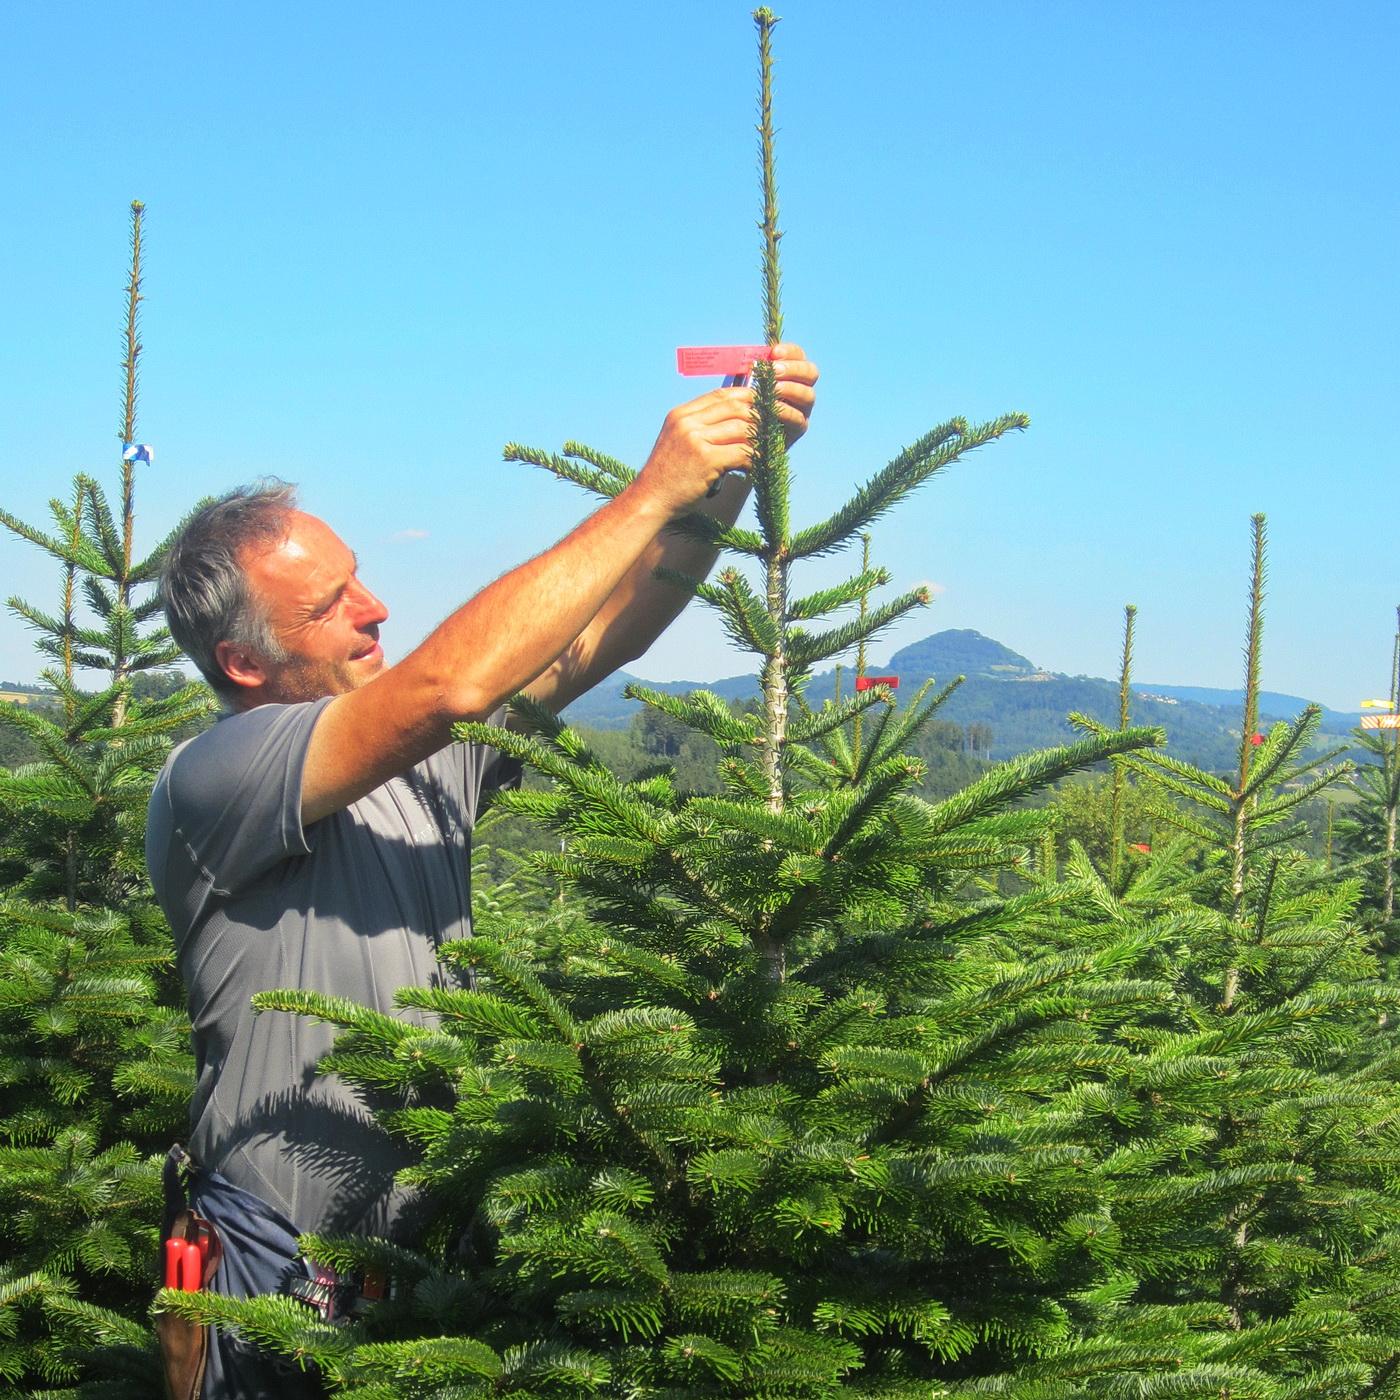 Ein schöner Weihnachtsbaum braucht Pflege